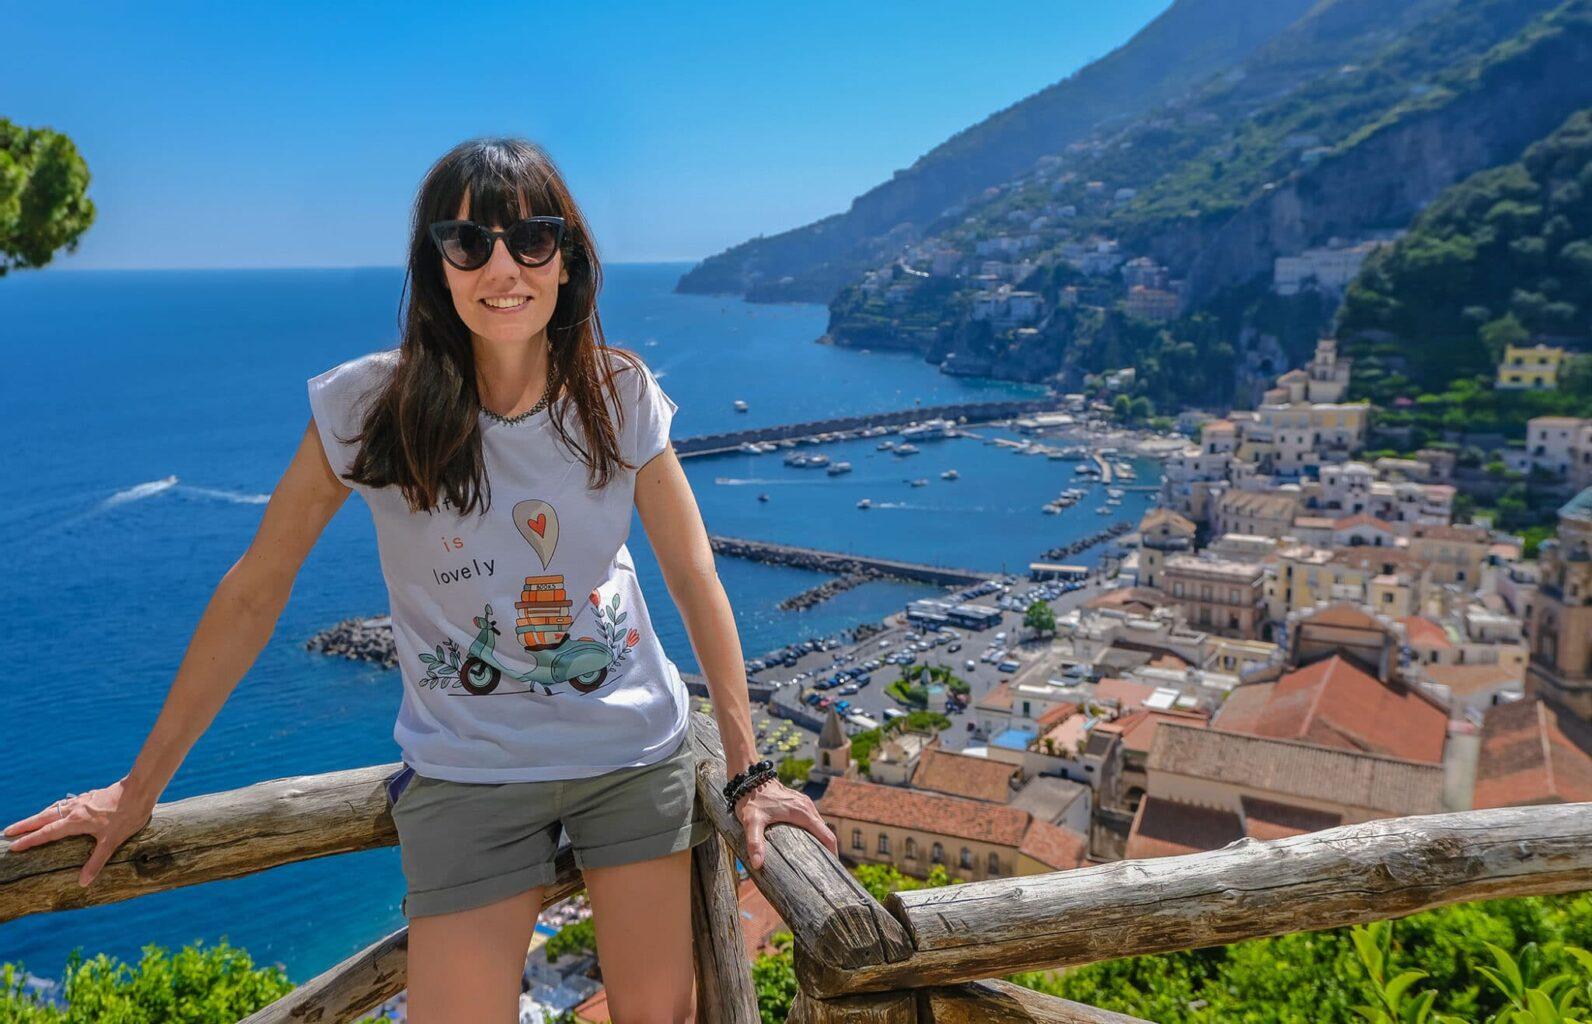 Cartina Costiera Amalfitana E Capri.Costiera Amalfitana Itinerario Di 4 Giorni E Allora Parto